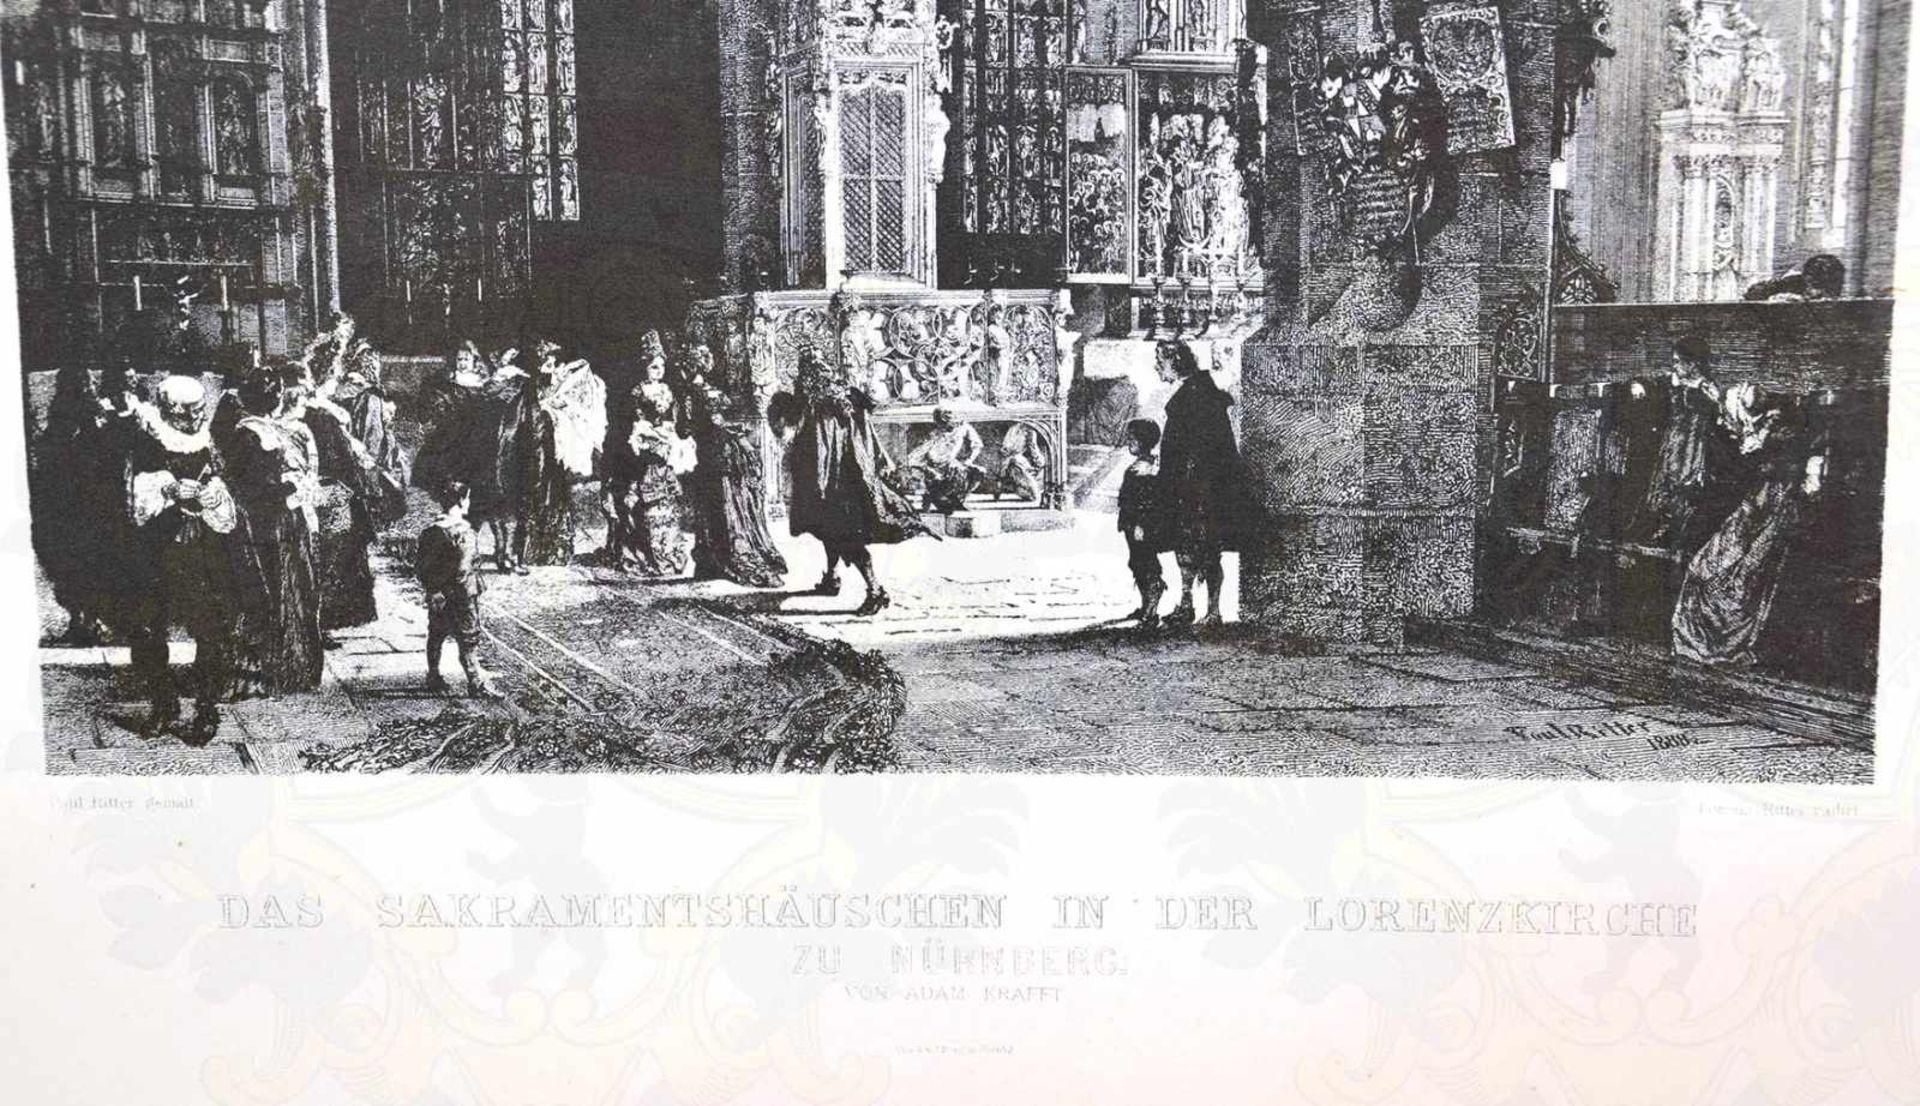 16 STADTPLÄNE/LANDKARTEN, Nachdrucke d. 17.-19. Jhd., u.a. 1650, 1688, 1737, 1780, 1802, 1827 u. - Bild 2 aus 3